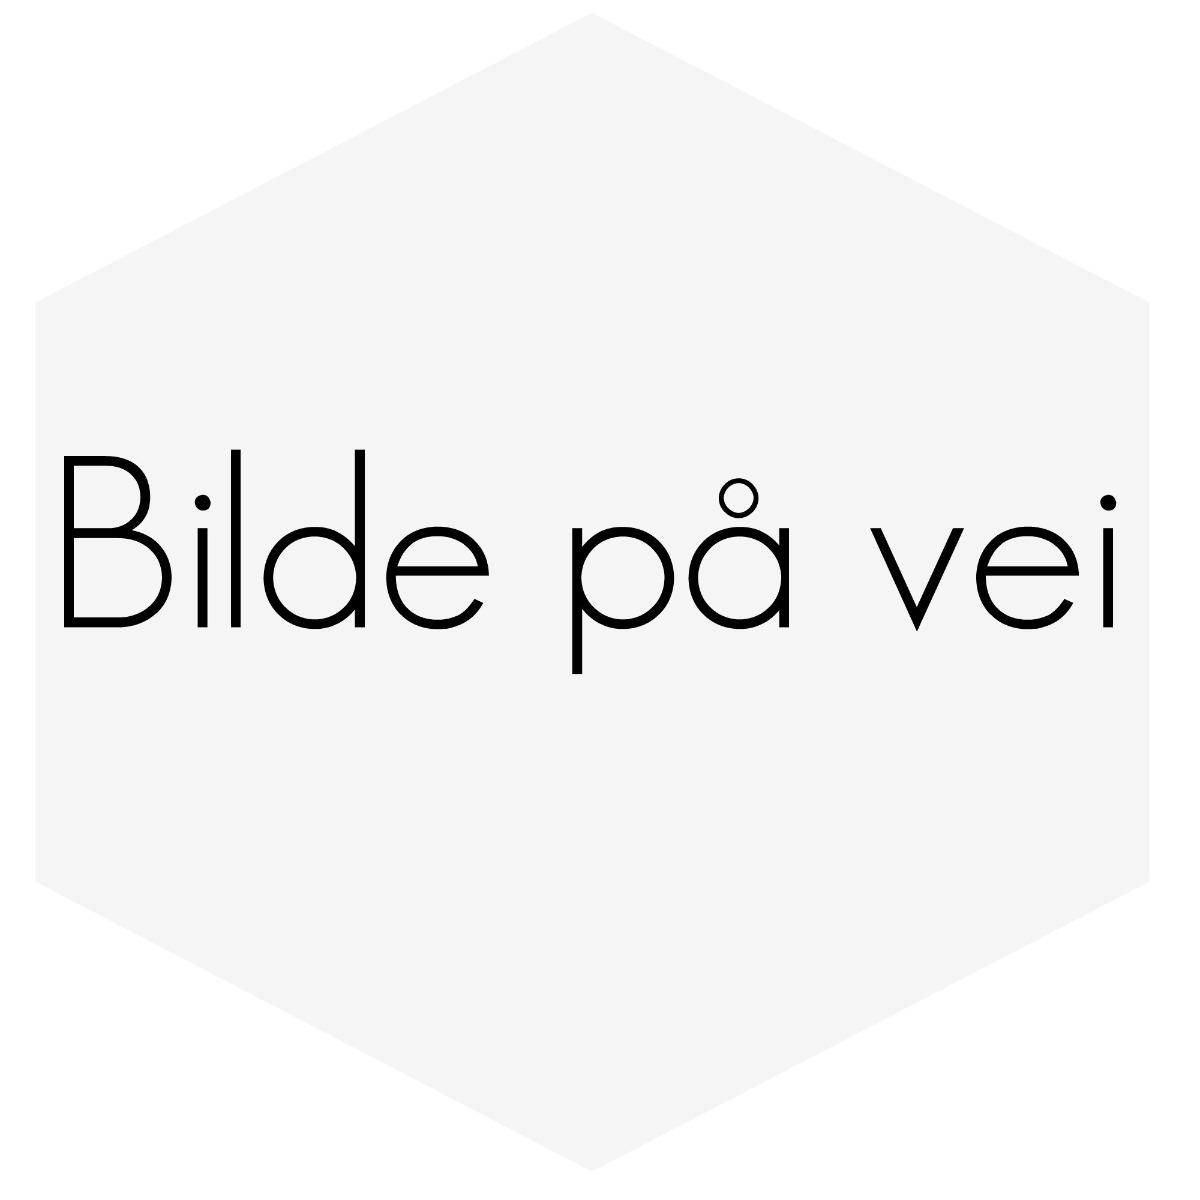 HOVEDLAMPEGLASS TIL KLARGLASS LAMPER S/V70 97-00  HØYRE